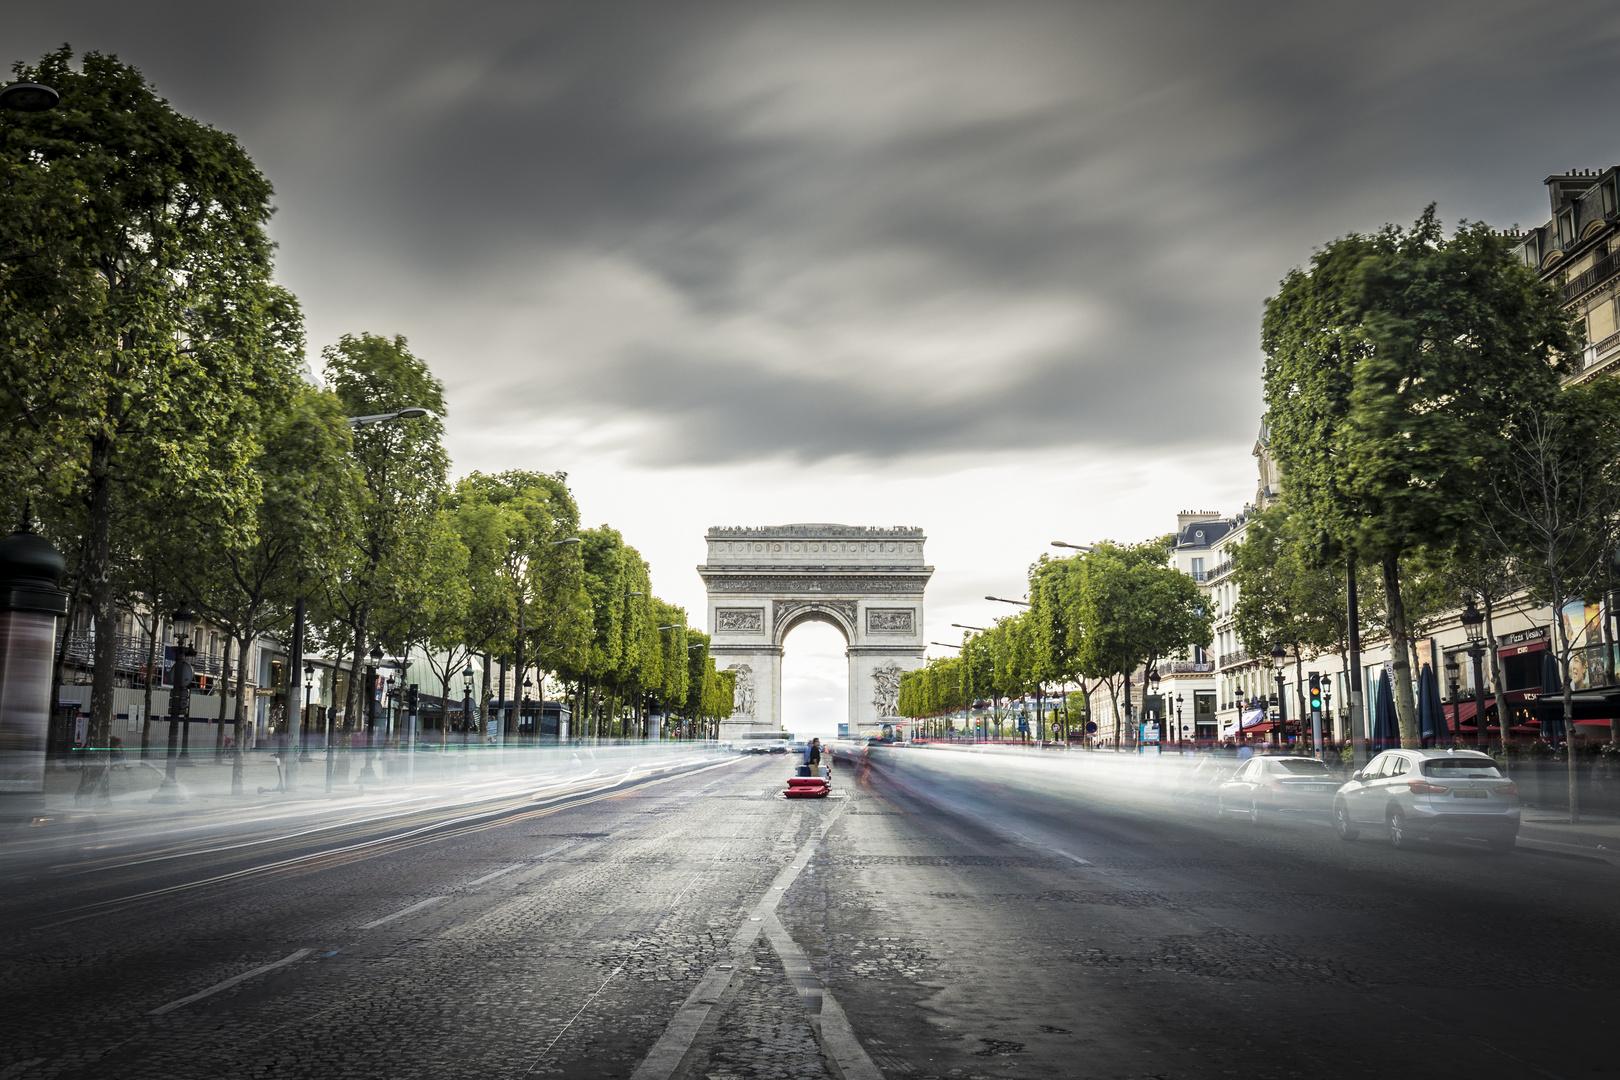 Arc de triomphe - Paris - France (2019)